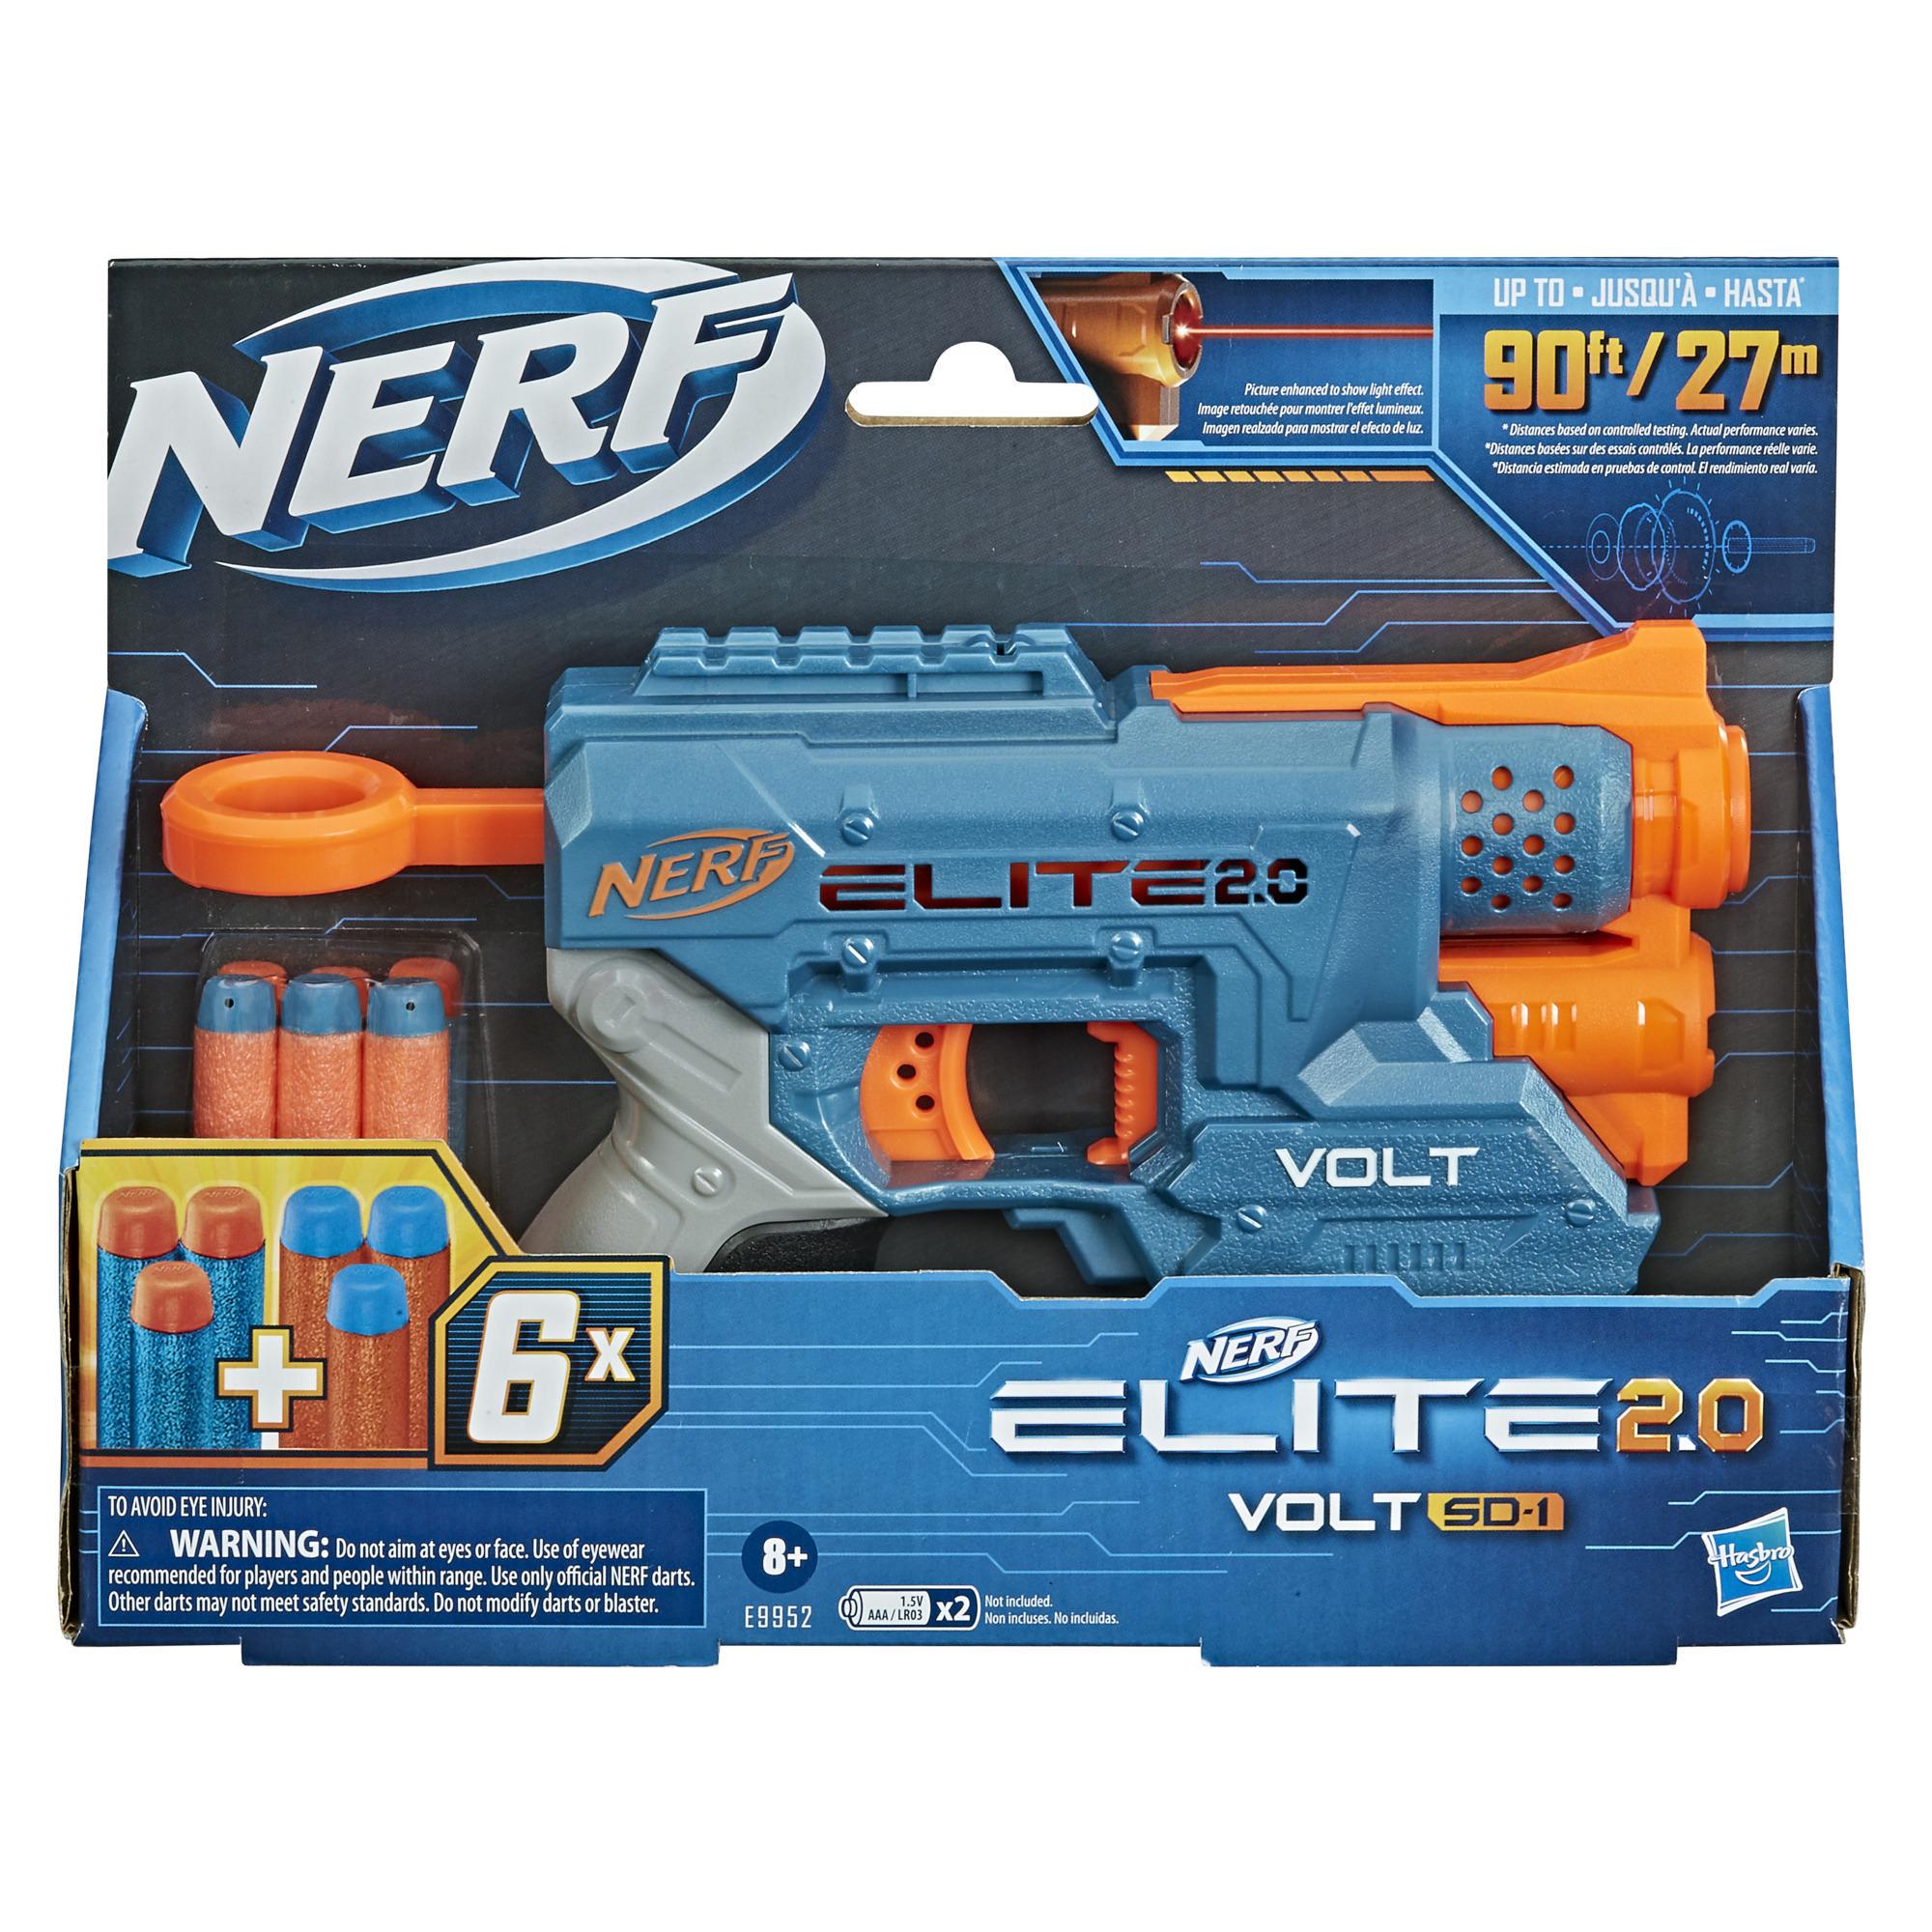 Lanzador Nerf Elite 2.0 Volt SD-1 - 6 dardos Nerf oficiales, Con rayo de luz, portadardos, 2 rieles tácticos